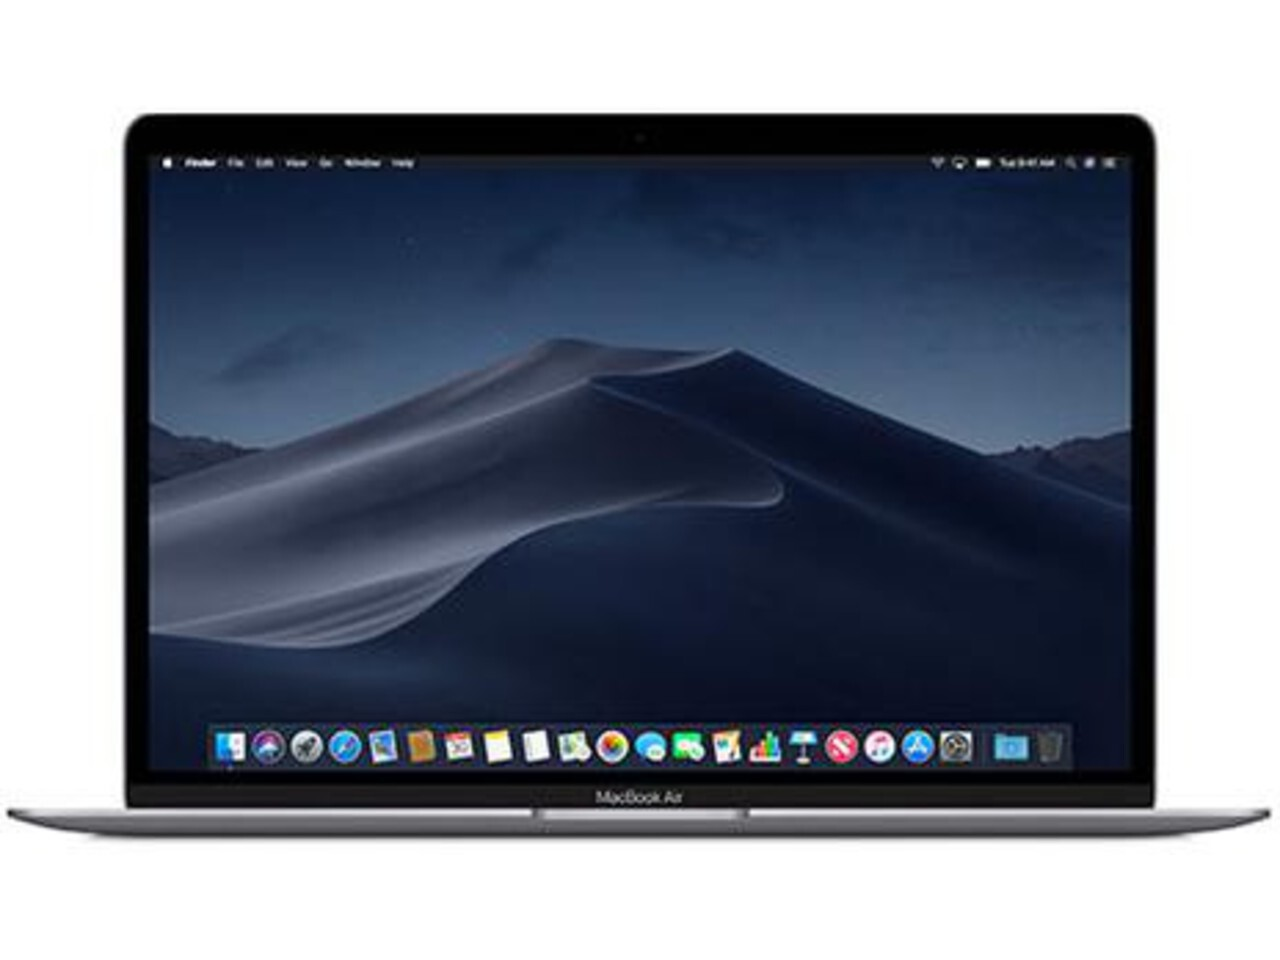 macbook air 13 inch 2018 silver